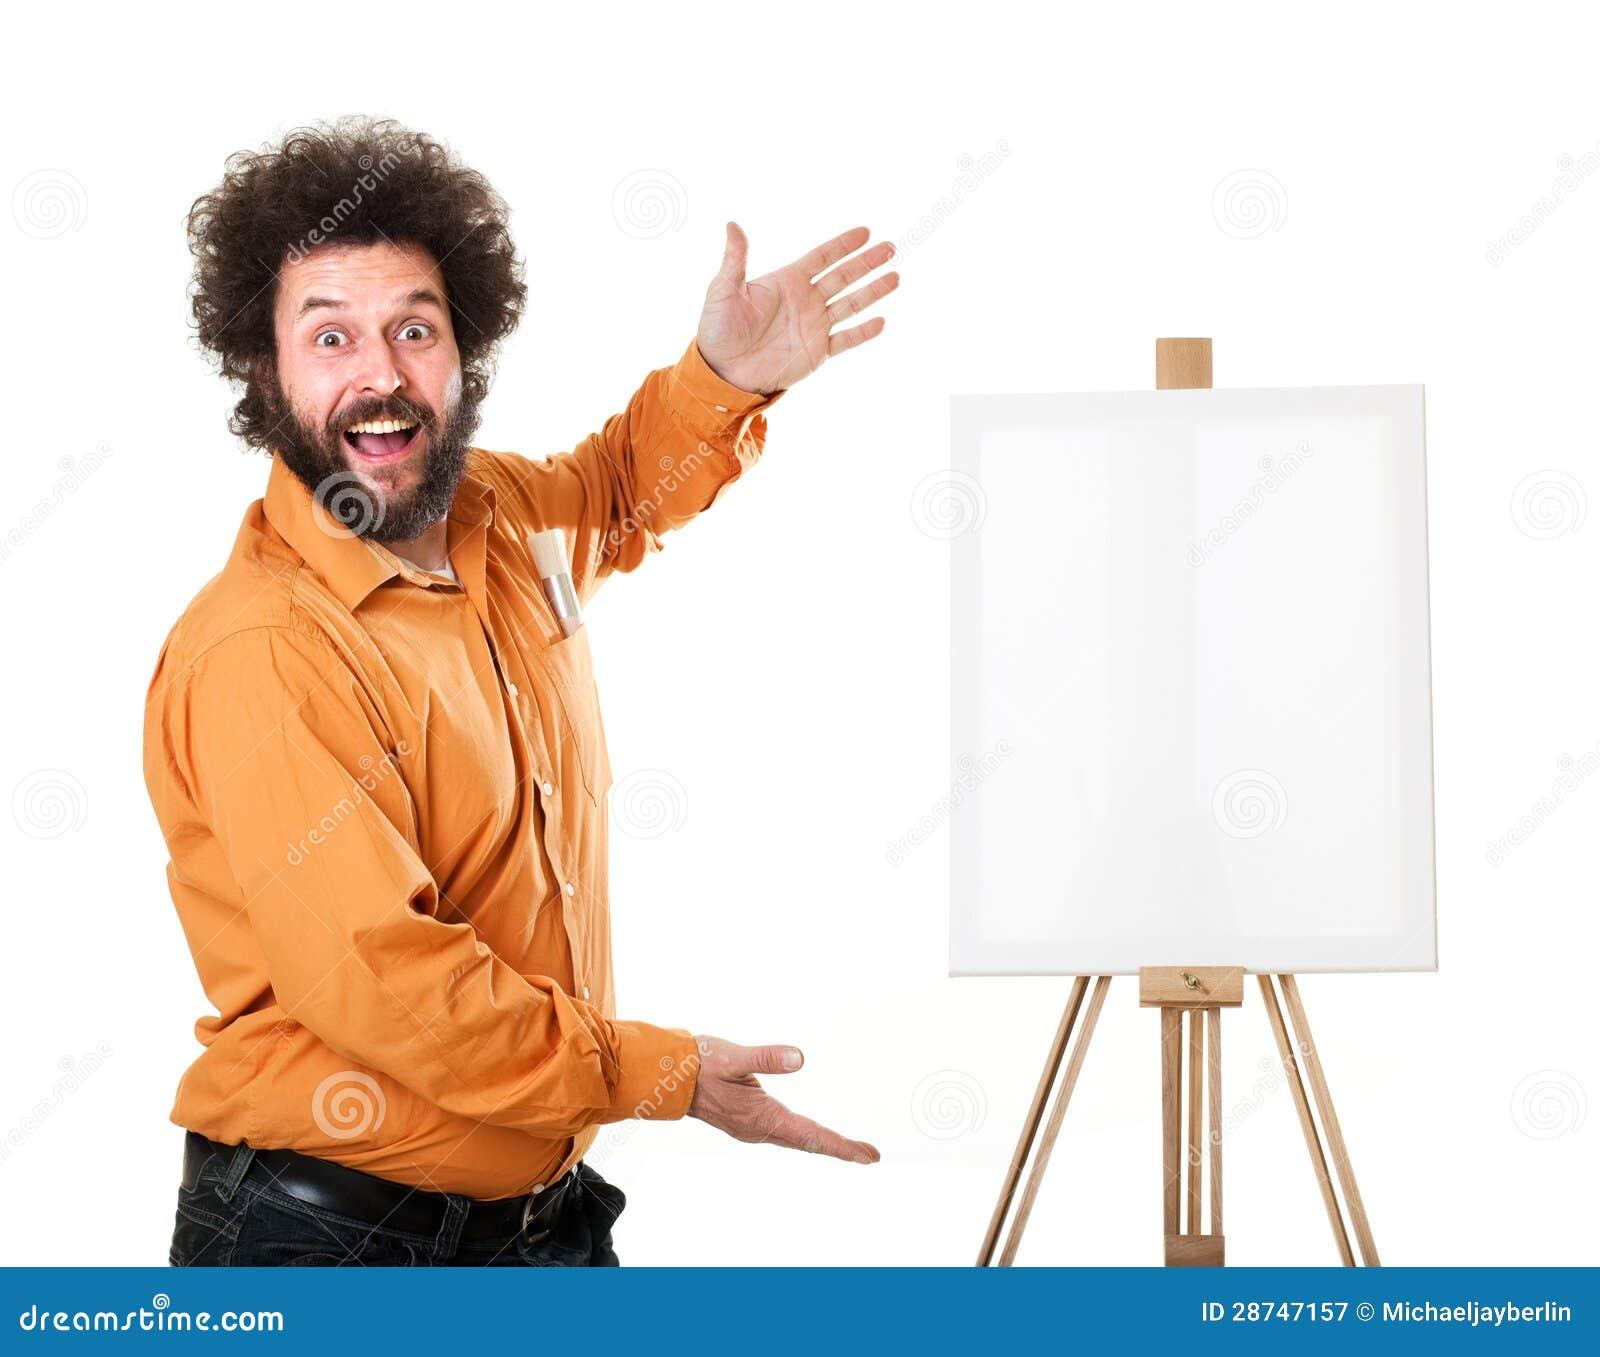 Weird painter in orange shirt